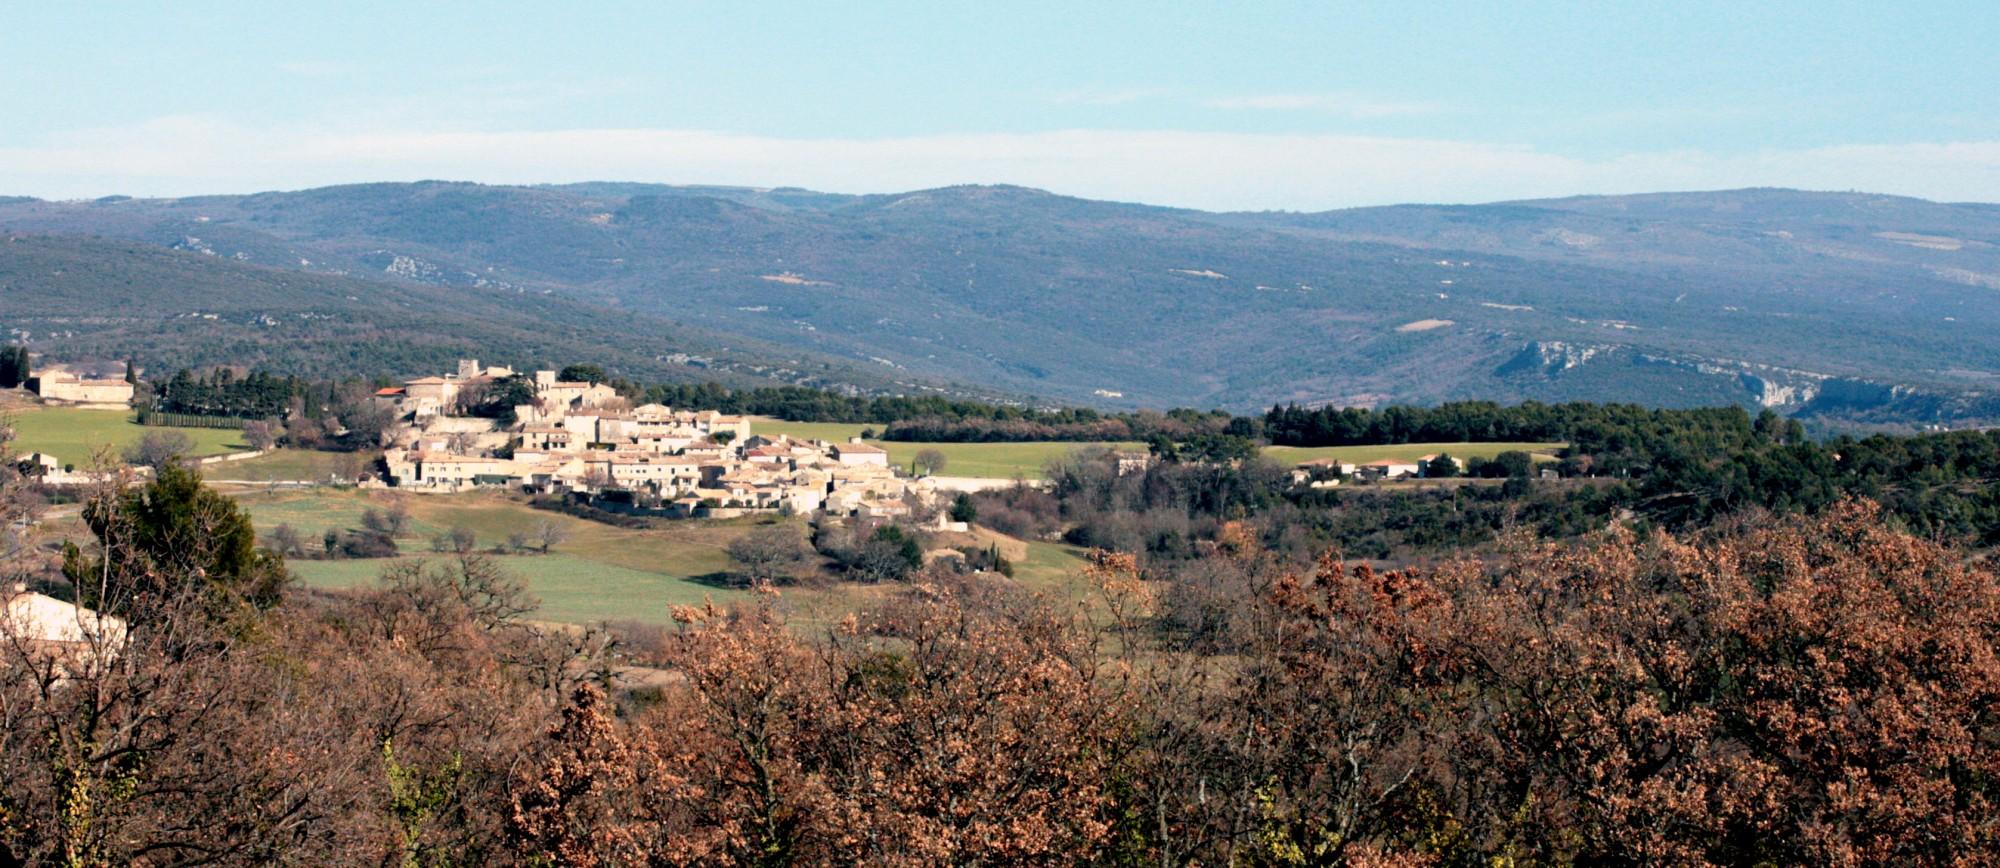 Le village médiéval de Murs